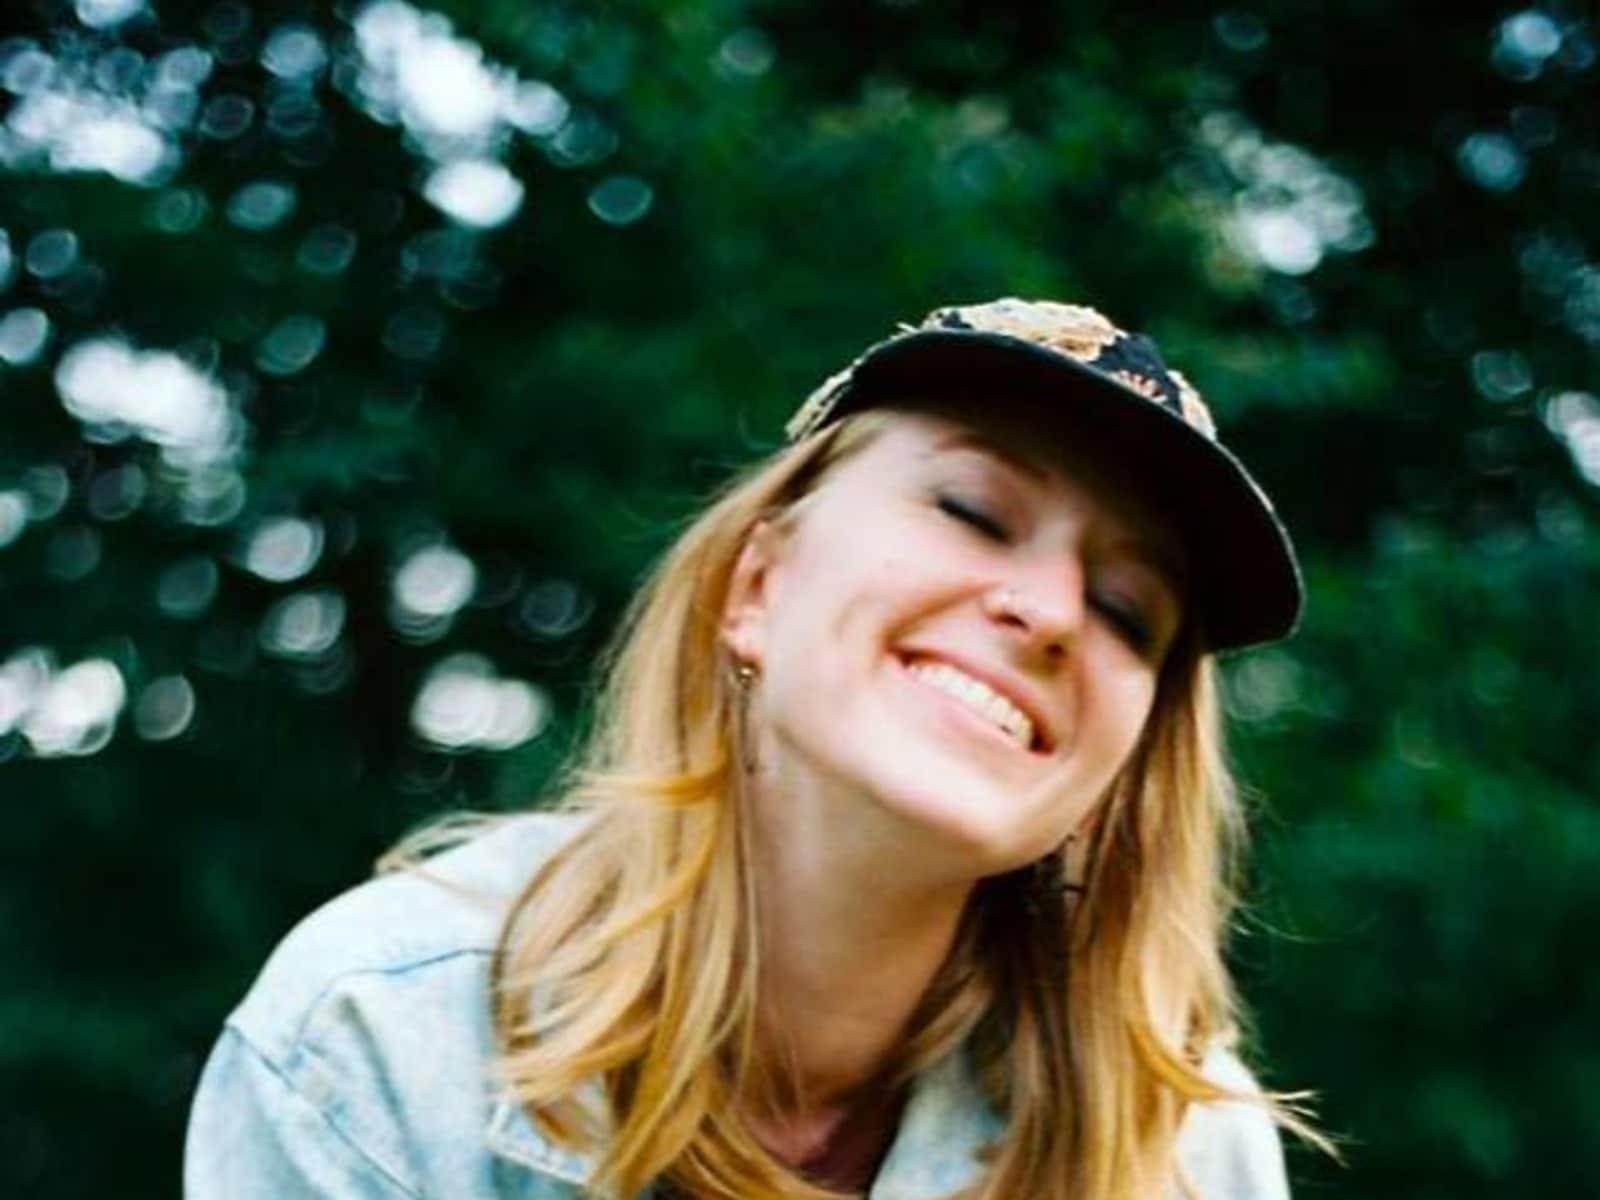 Jaclyn from Washington, D.C., Washington, D.C., United States